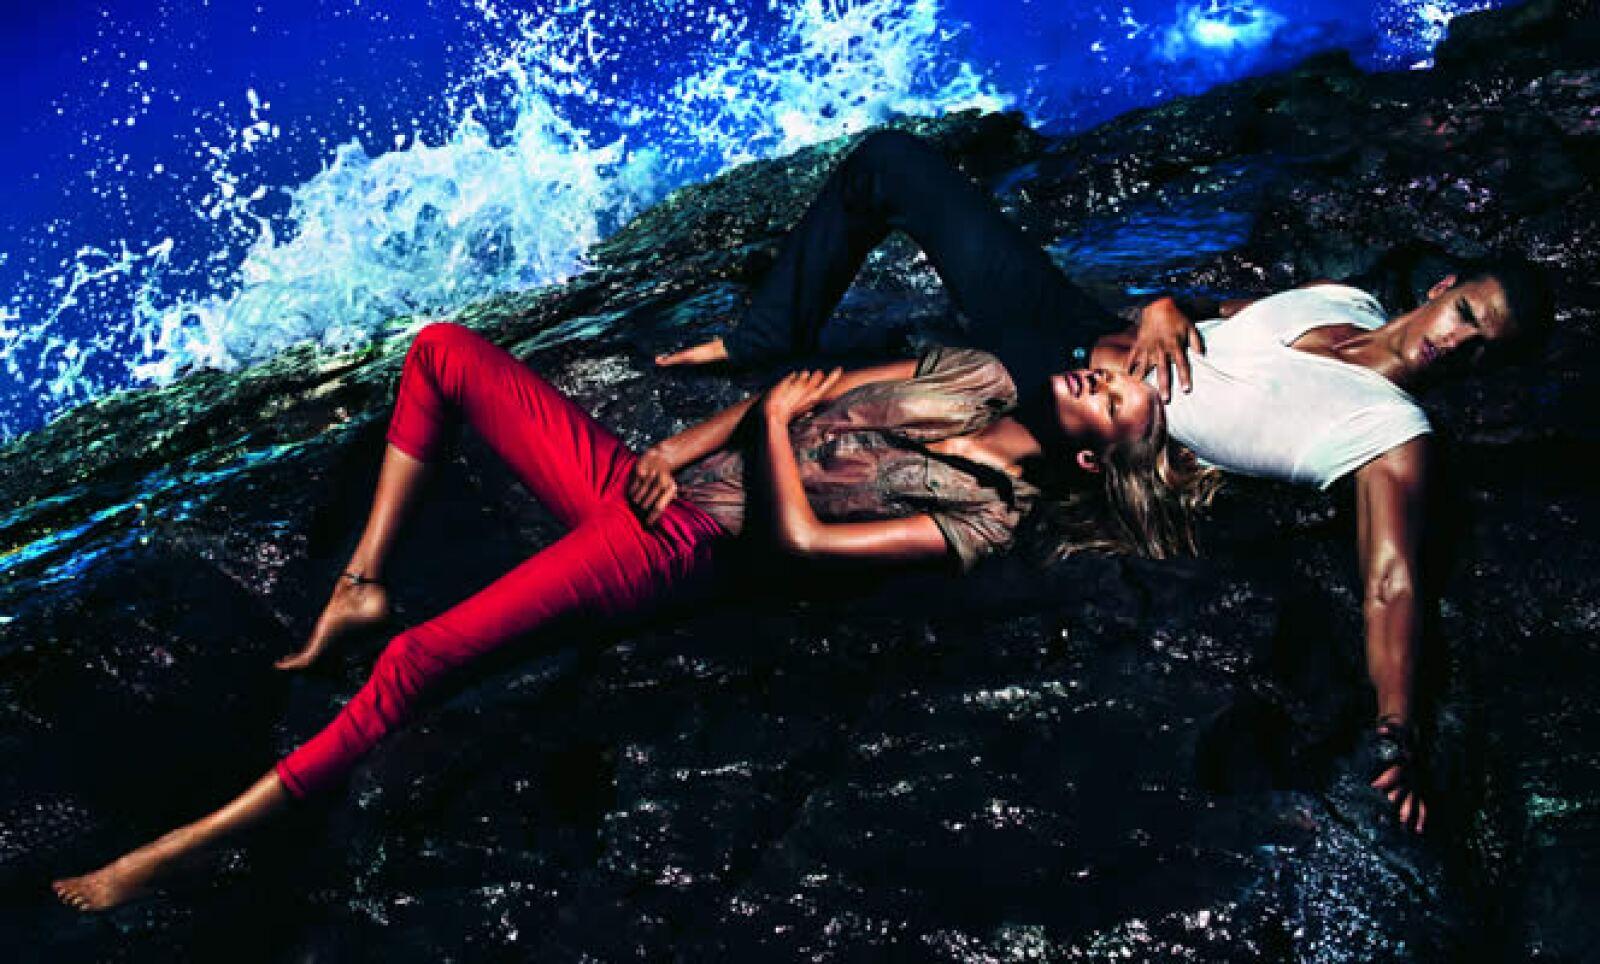 La marca estadounidense presentó su colección 'Bold' para la primavera/verano de 2012, con colores atrevidos como el rojo, naranja y verde.